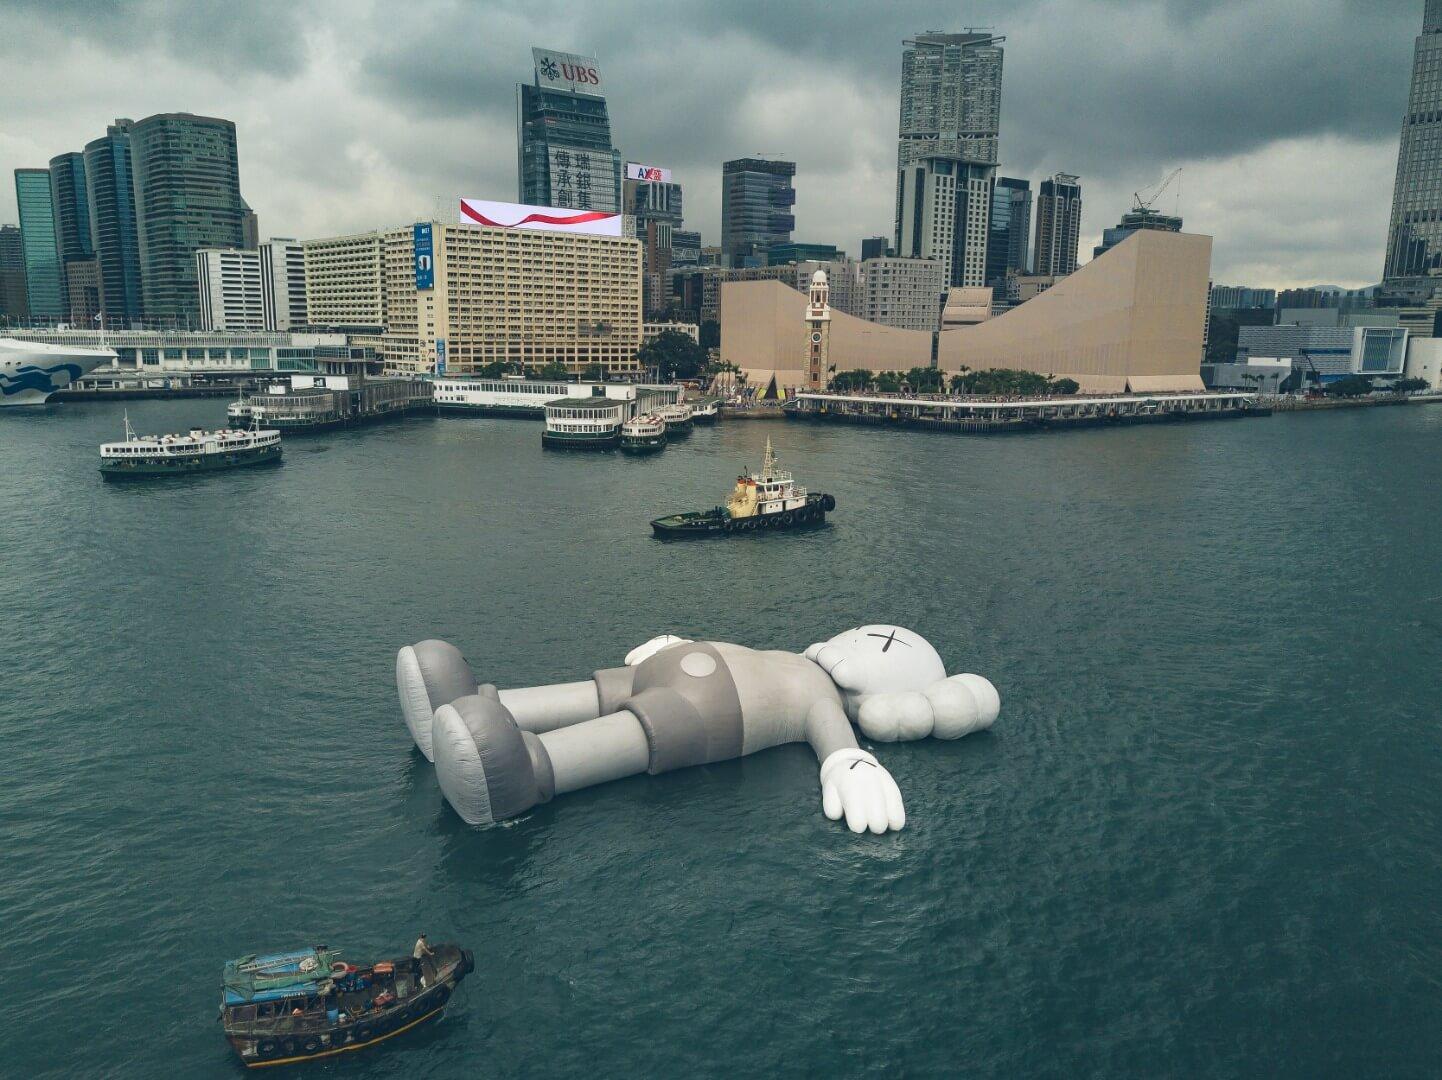 kaws-sculpture-hong-kong-harbor